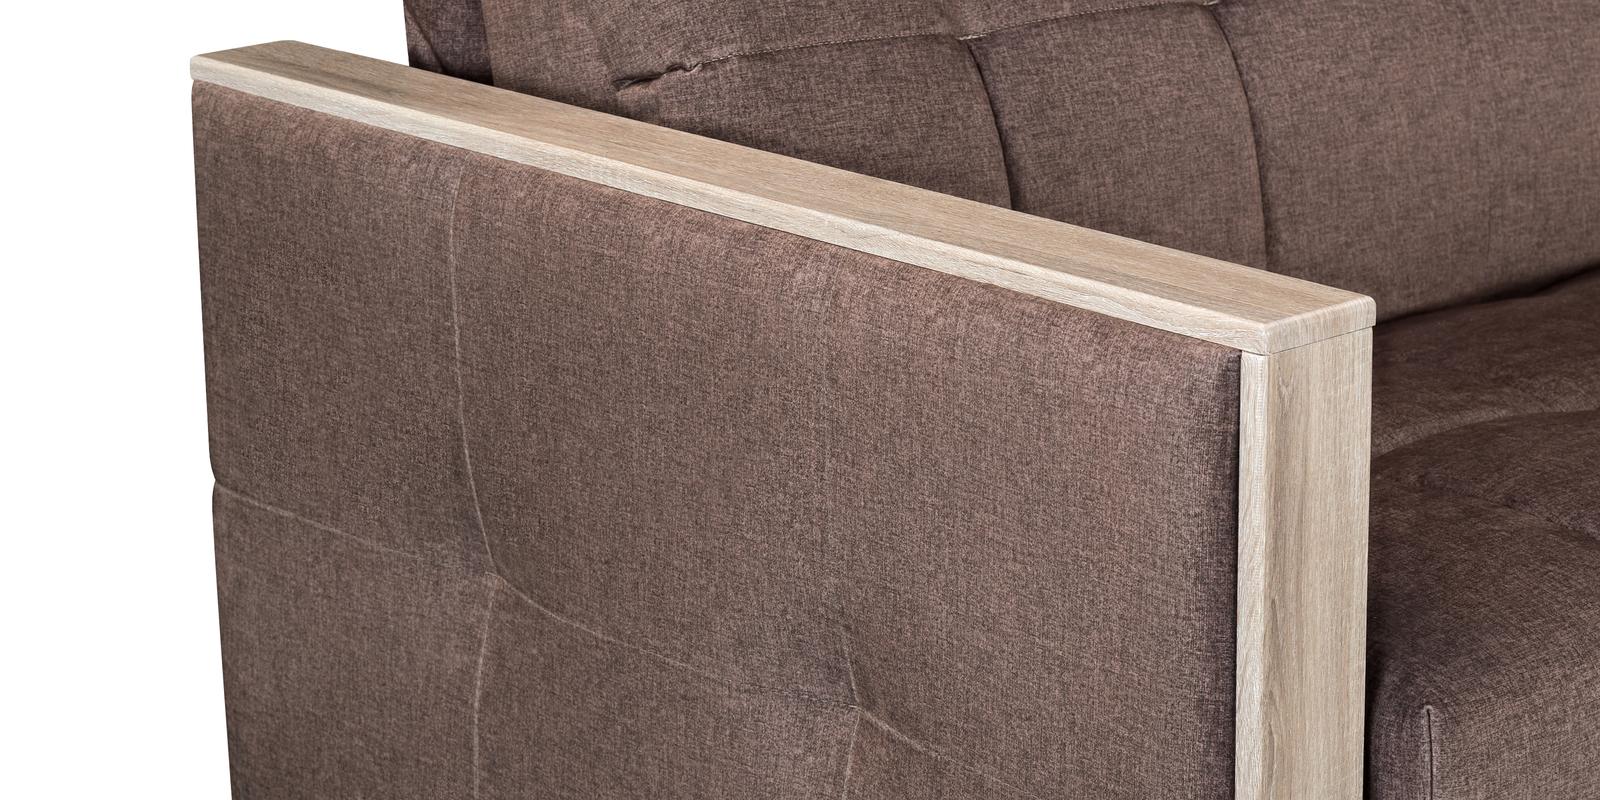 Диван тканевый прямой Валенсия Olympia светло-коричневый (Велюр)